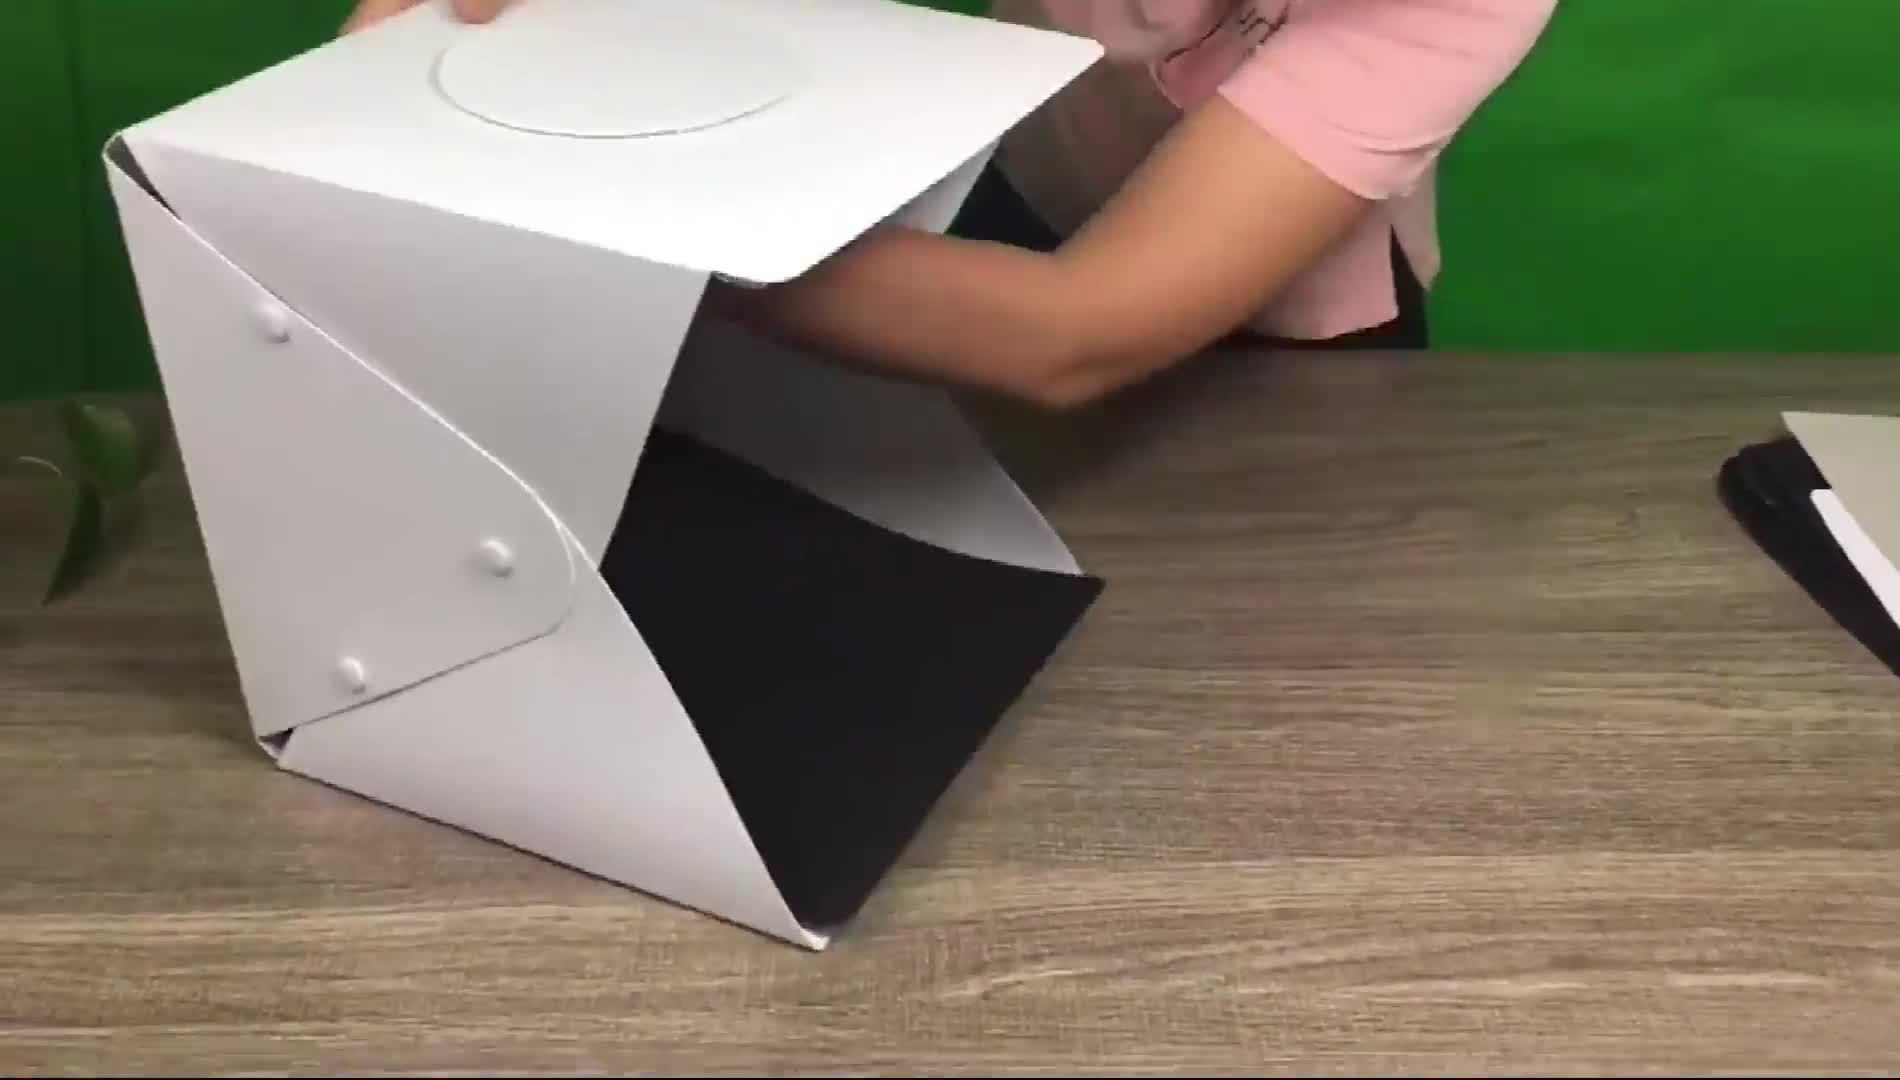 Portable Mini White Box Backdrop built-in LED Light Photography Light Box 22.6cm x 23cm x 24cm